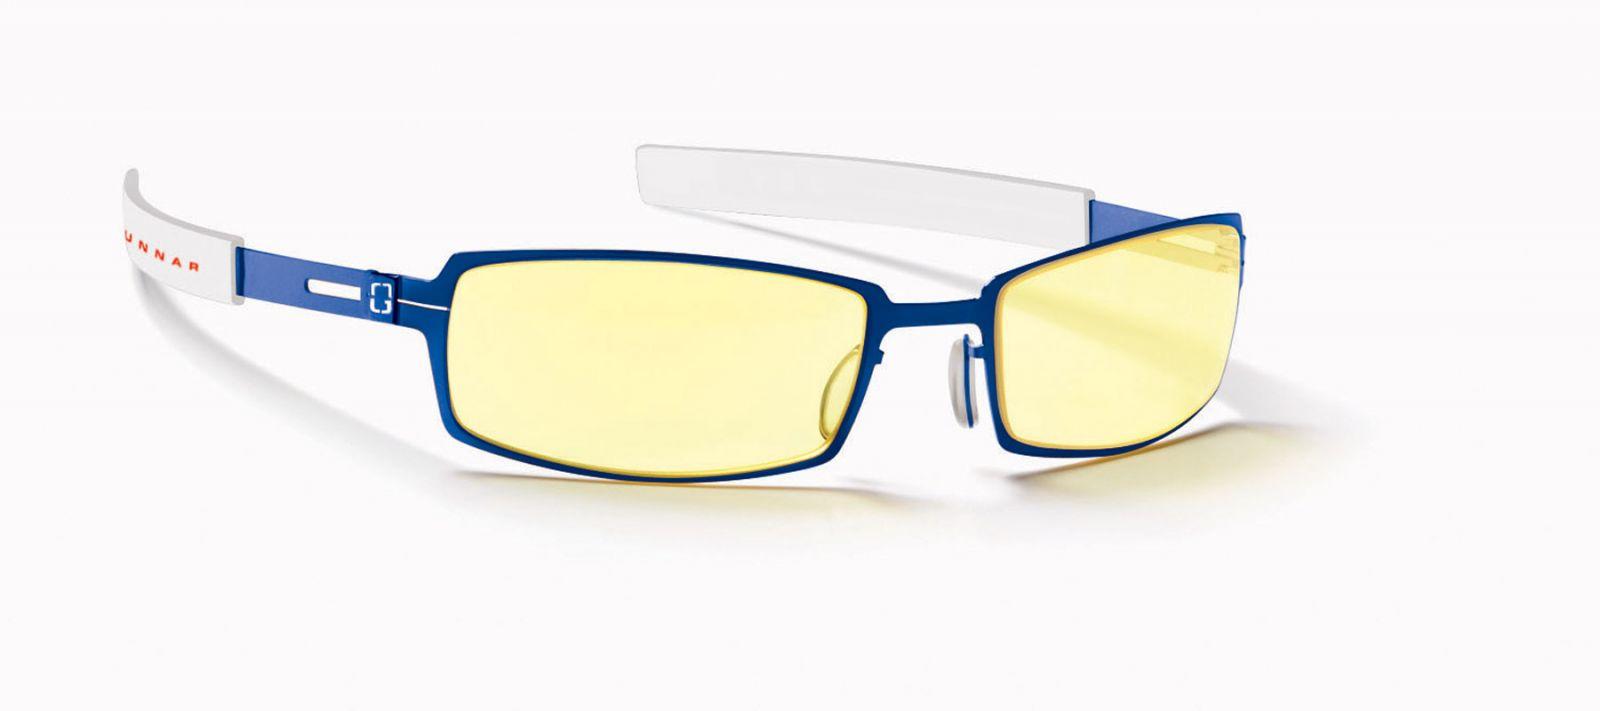 Blue Filter Lens Glasses